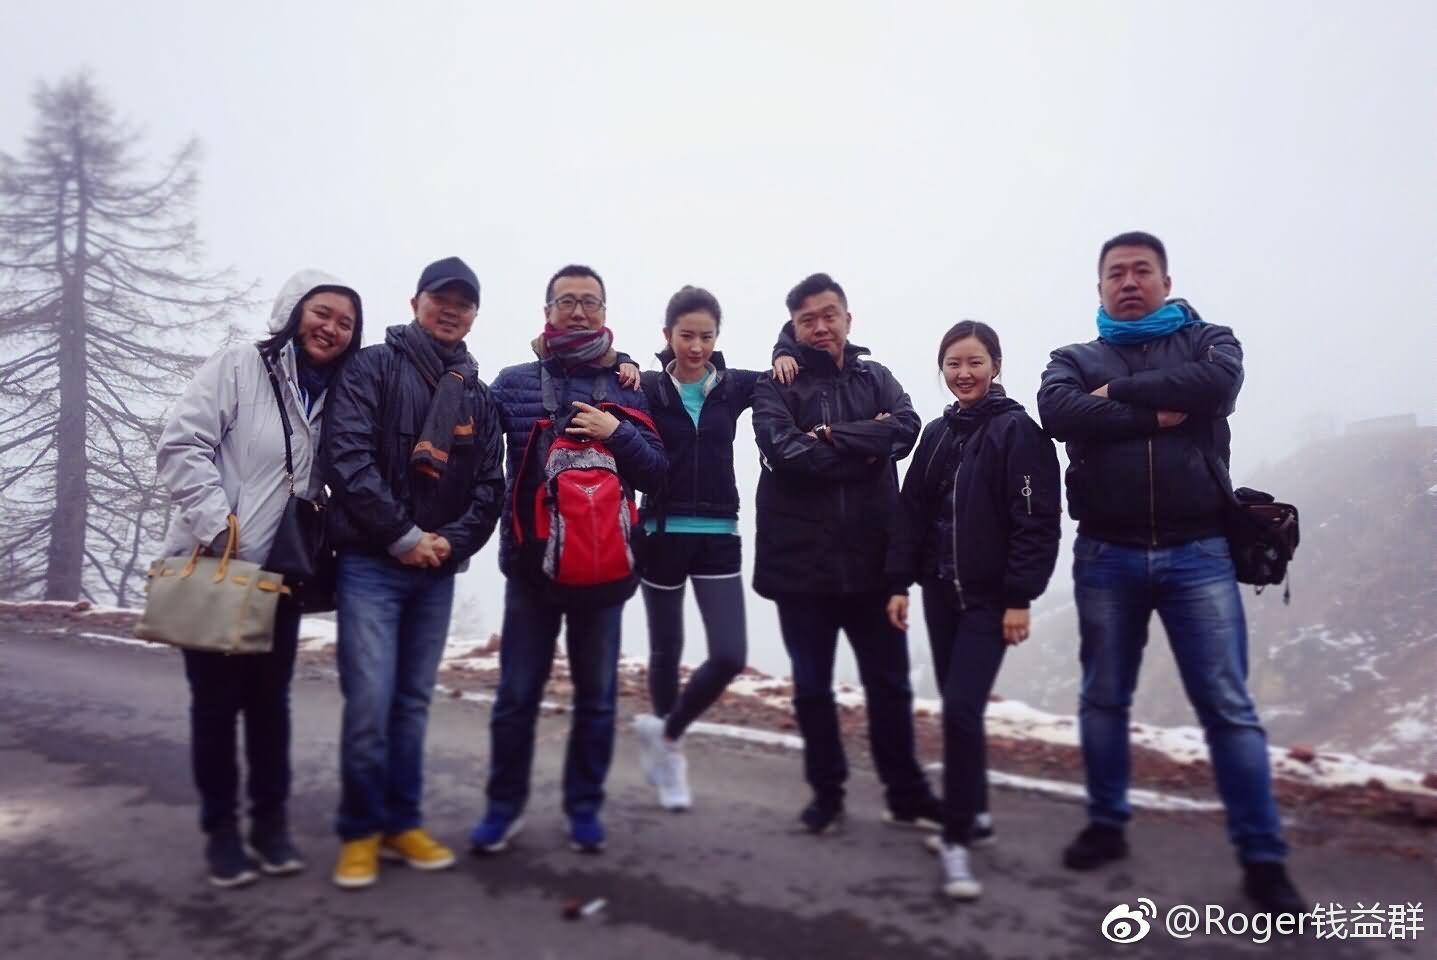 云南香格里拉高海拔拍摄《温碧泉》新一季广告